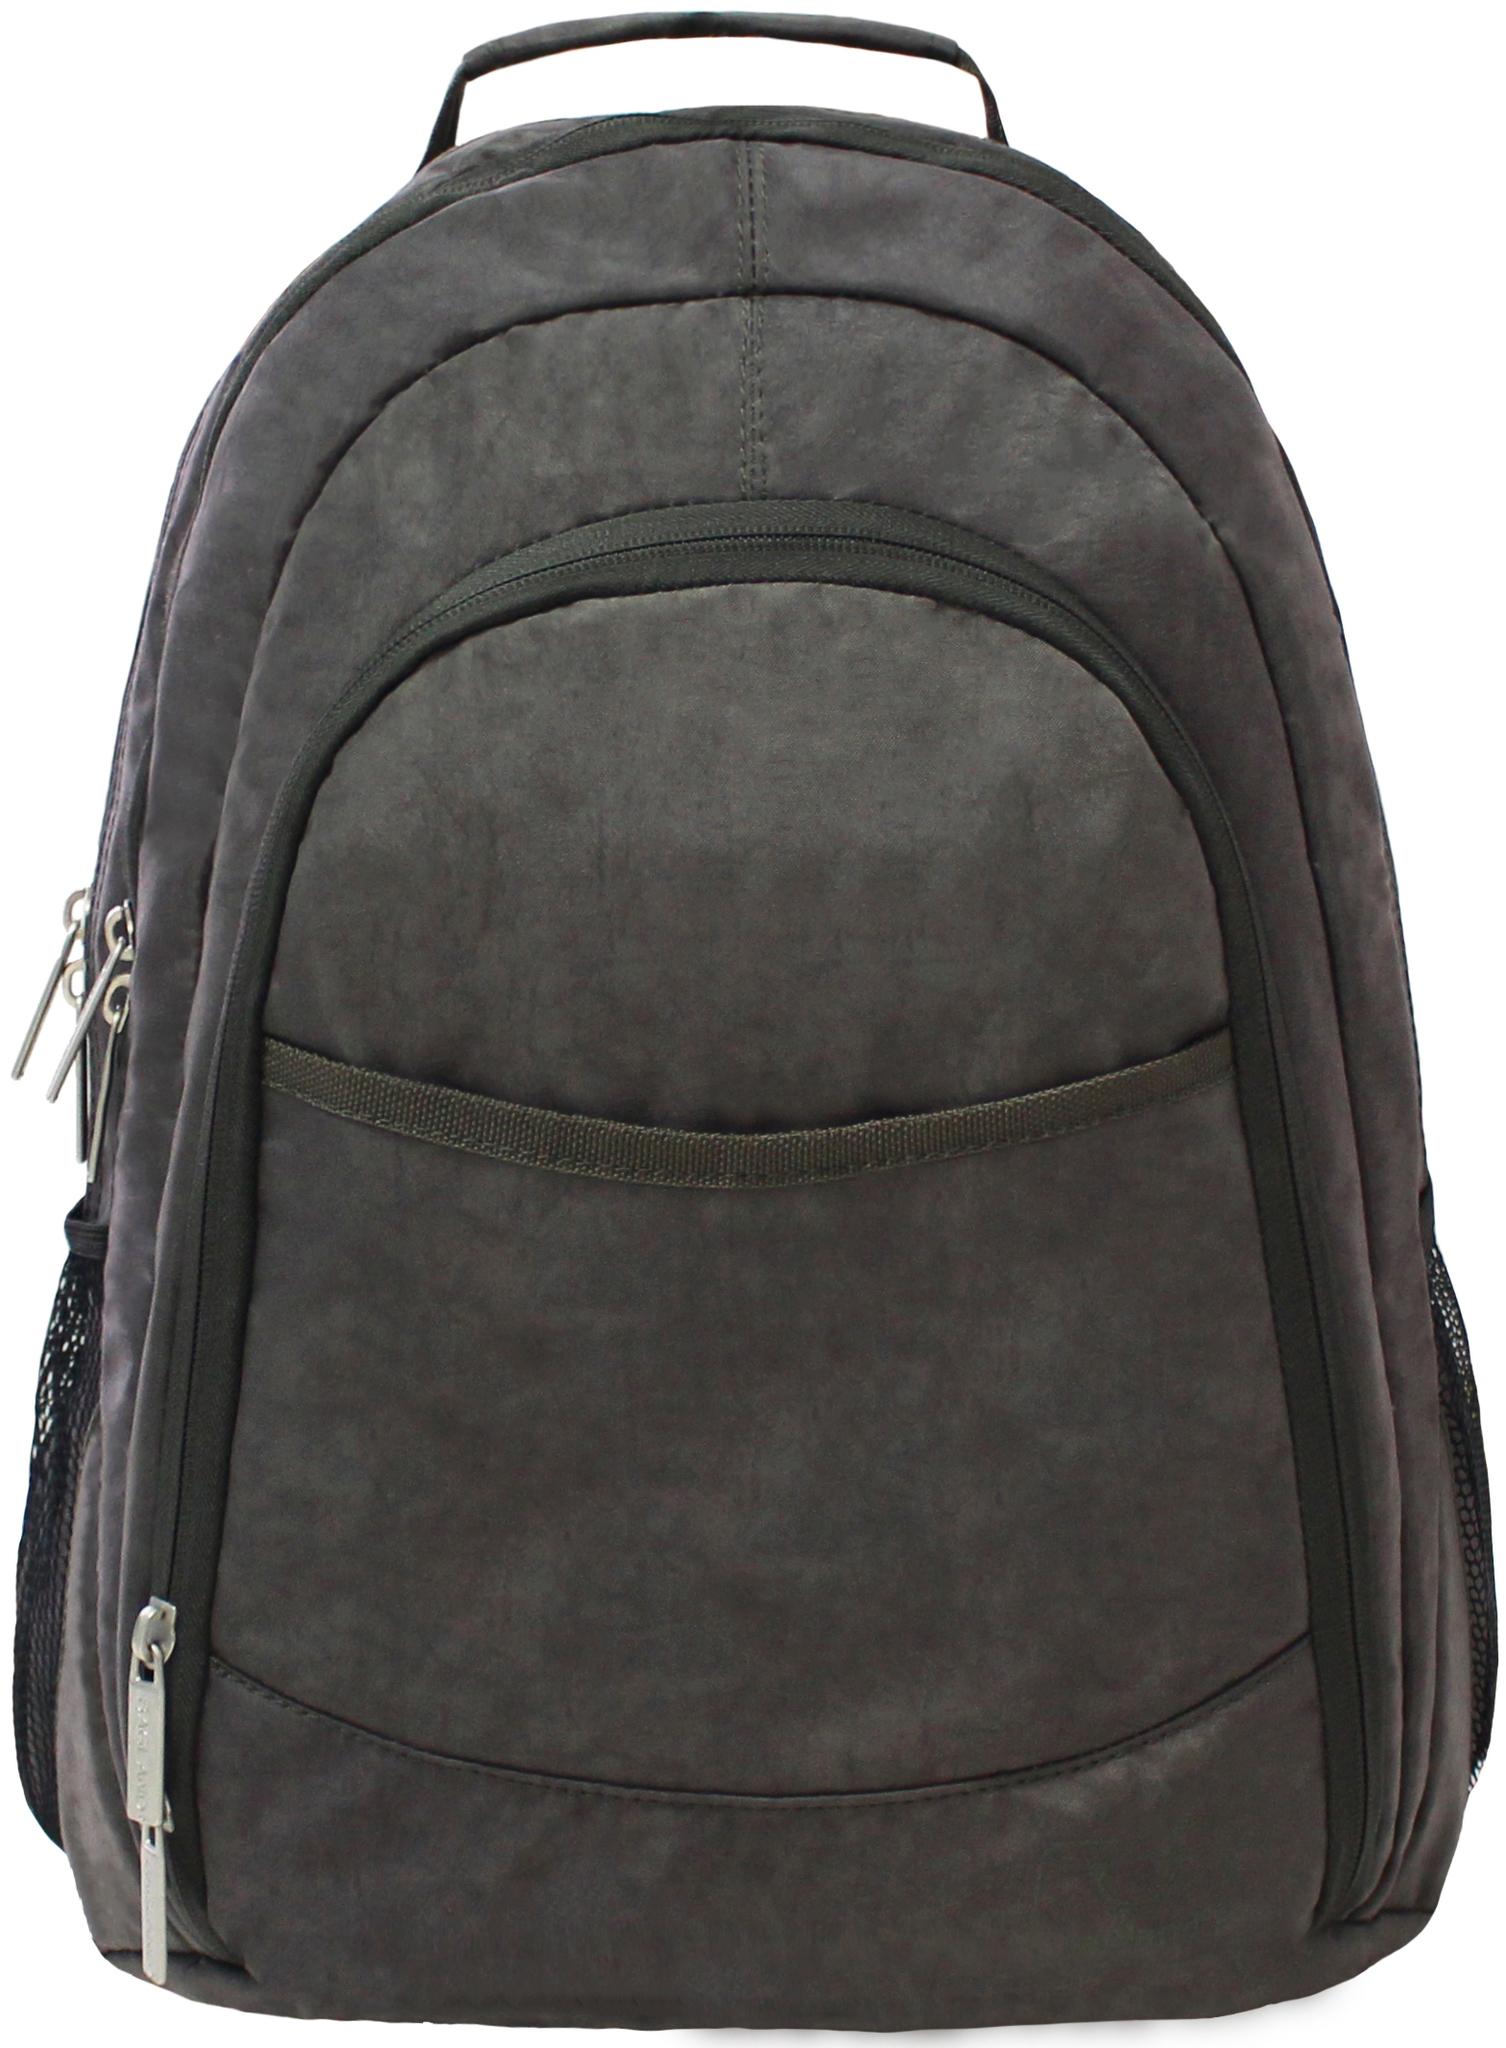 Городские рюкзаки Рюкзак Bagland Сити max 34 л. Хаки (0053970) IMG_5894.JPG